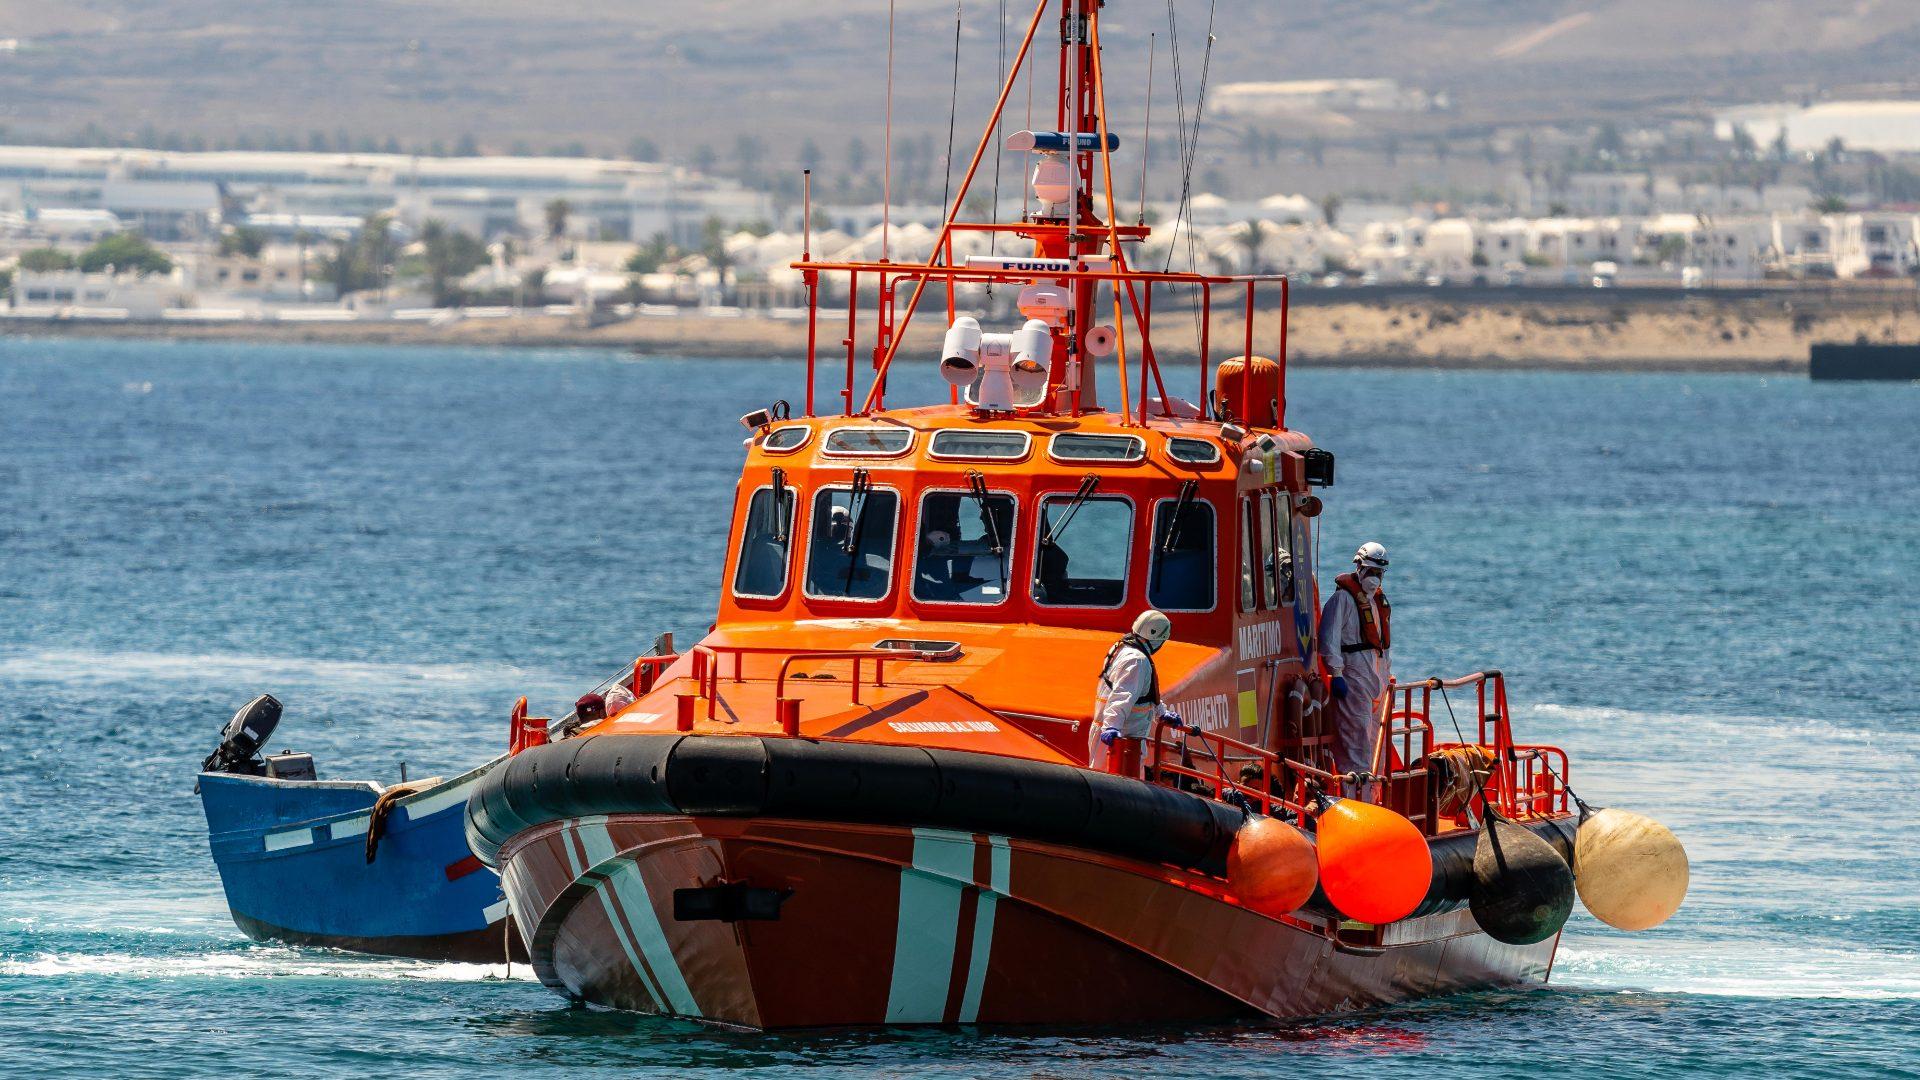 Más de 500 migrantes llega en patera a las costas españolas en las últimas horas